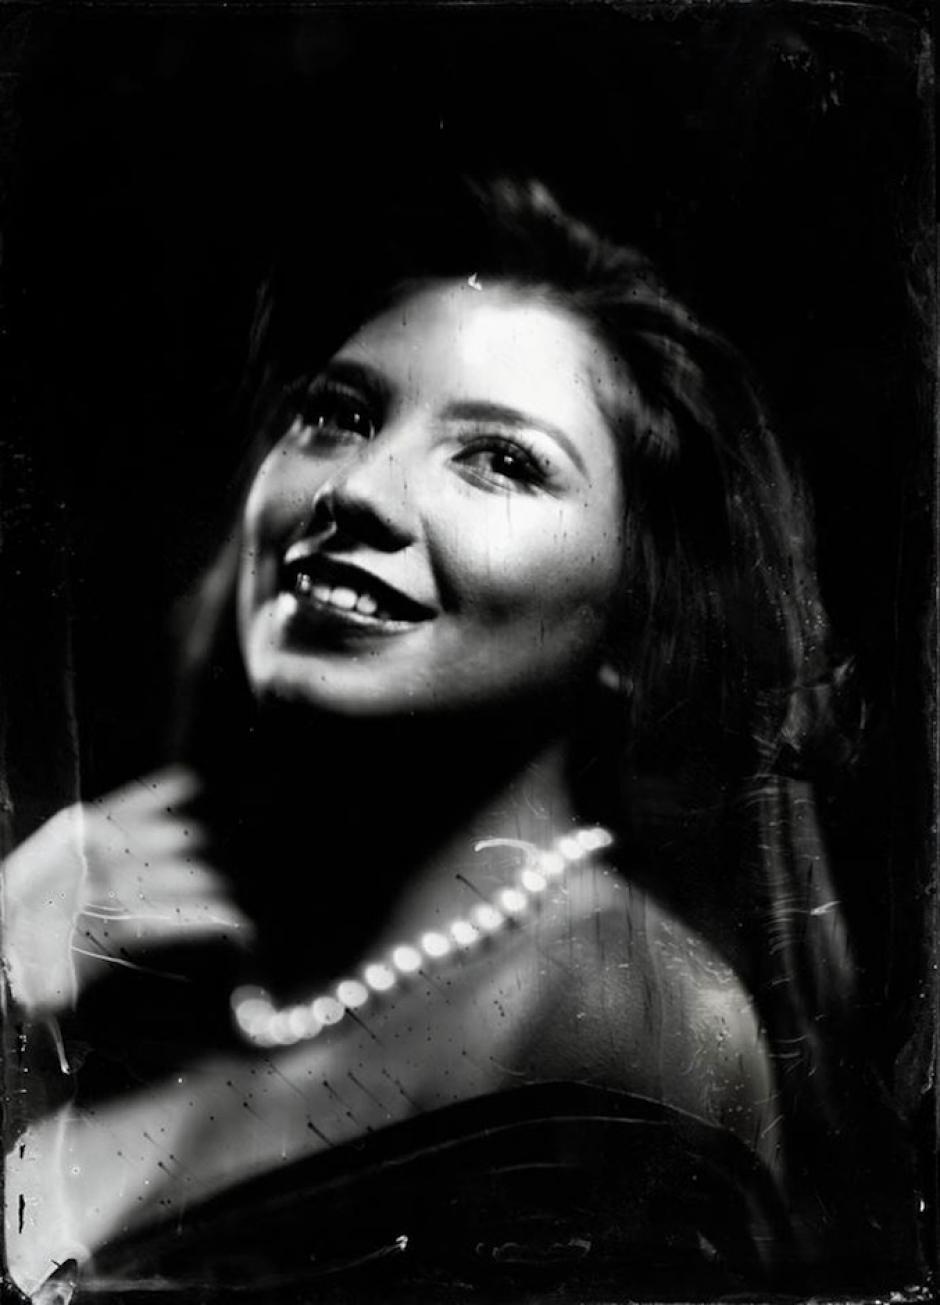 En una época digital, los retratos de Jorge Luis Chavarría son un tesoro. (Foto: Jorge Luis Chavarría)